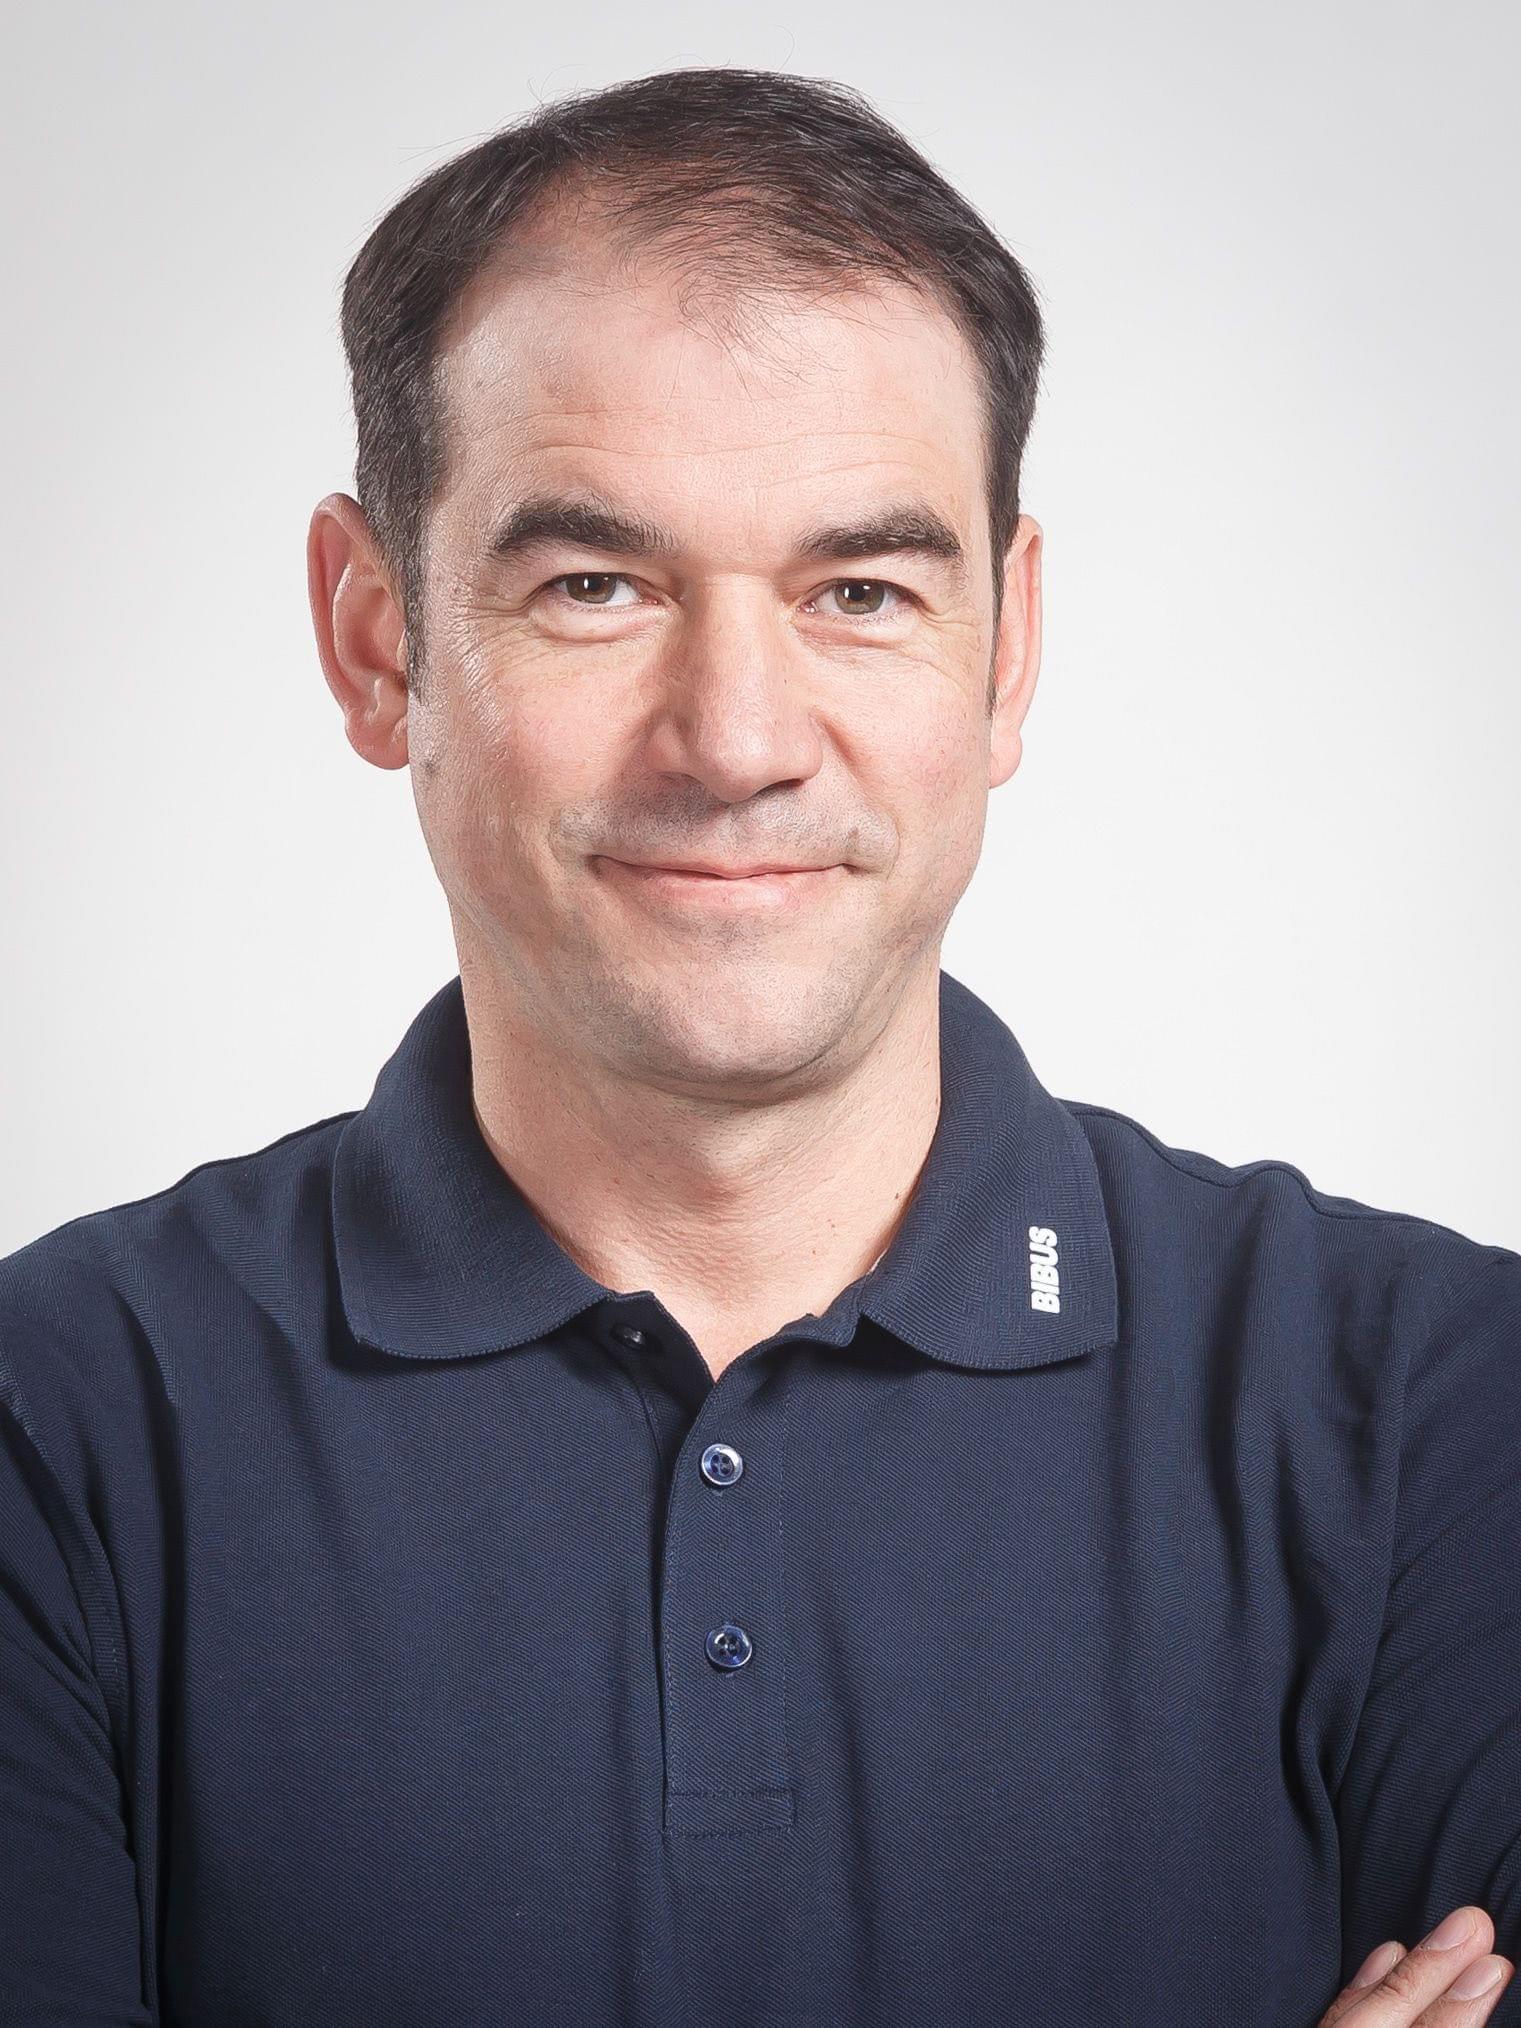 Manfred Tschannerl